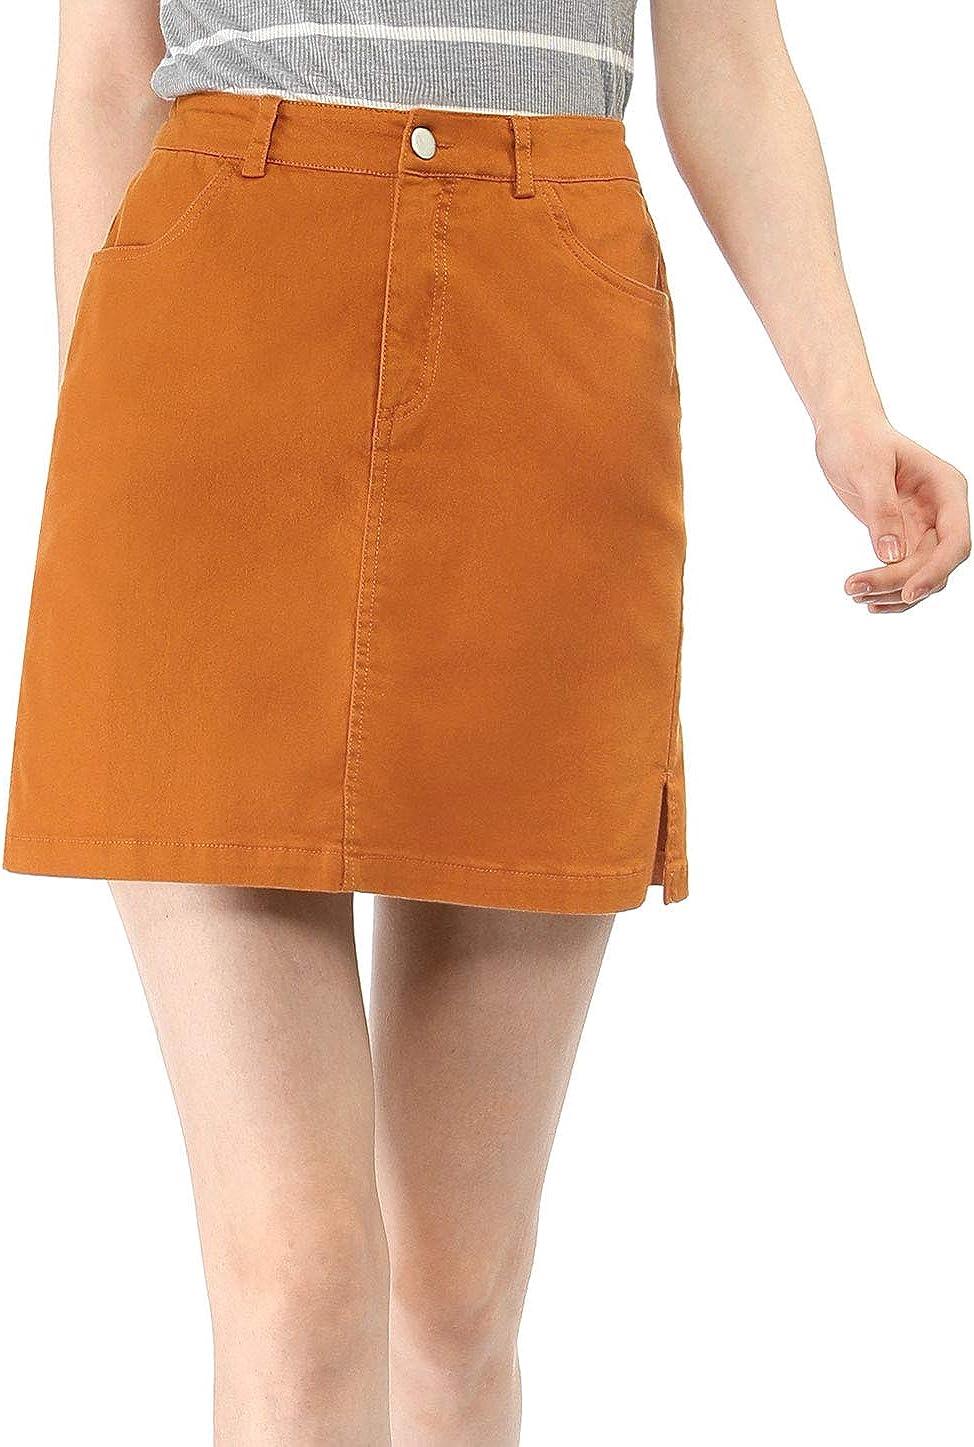 Allegra K Women's Back to Slit Sides Above Knee Straight Skirt